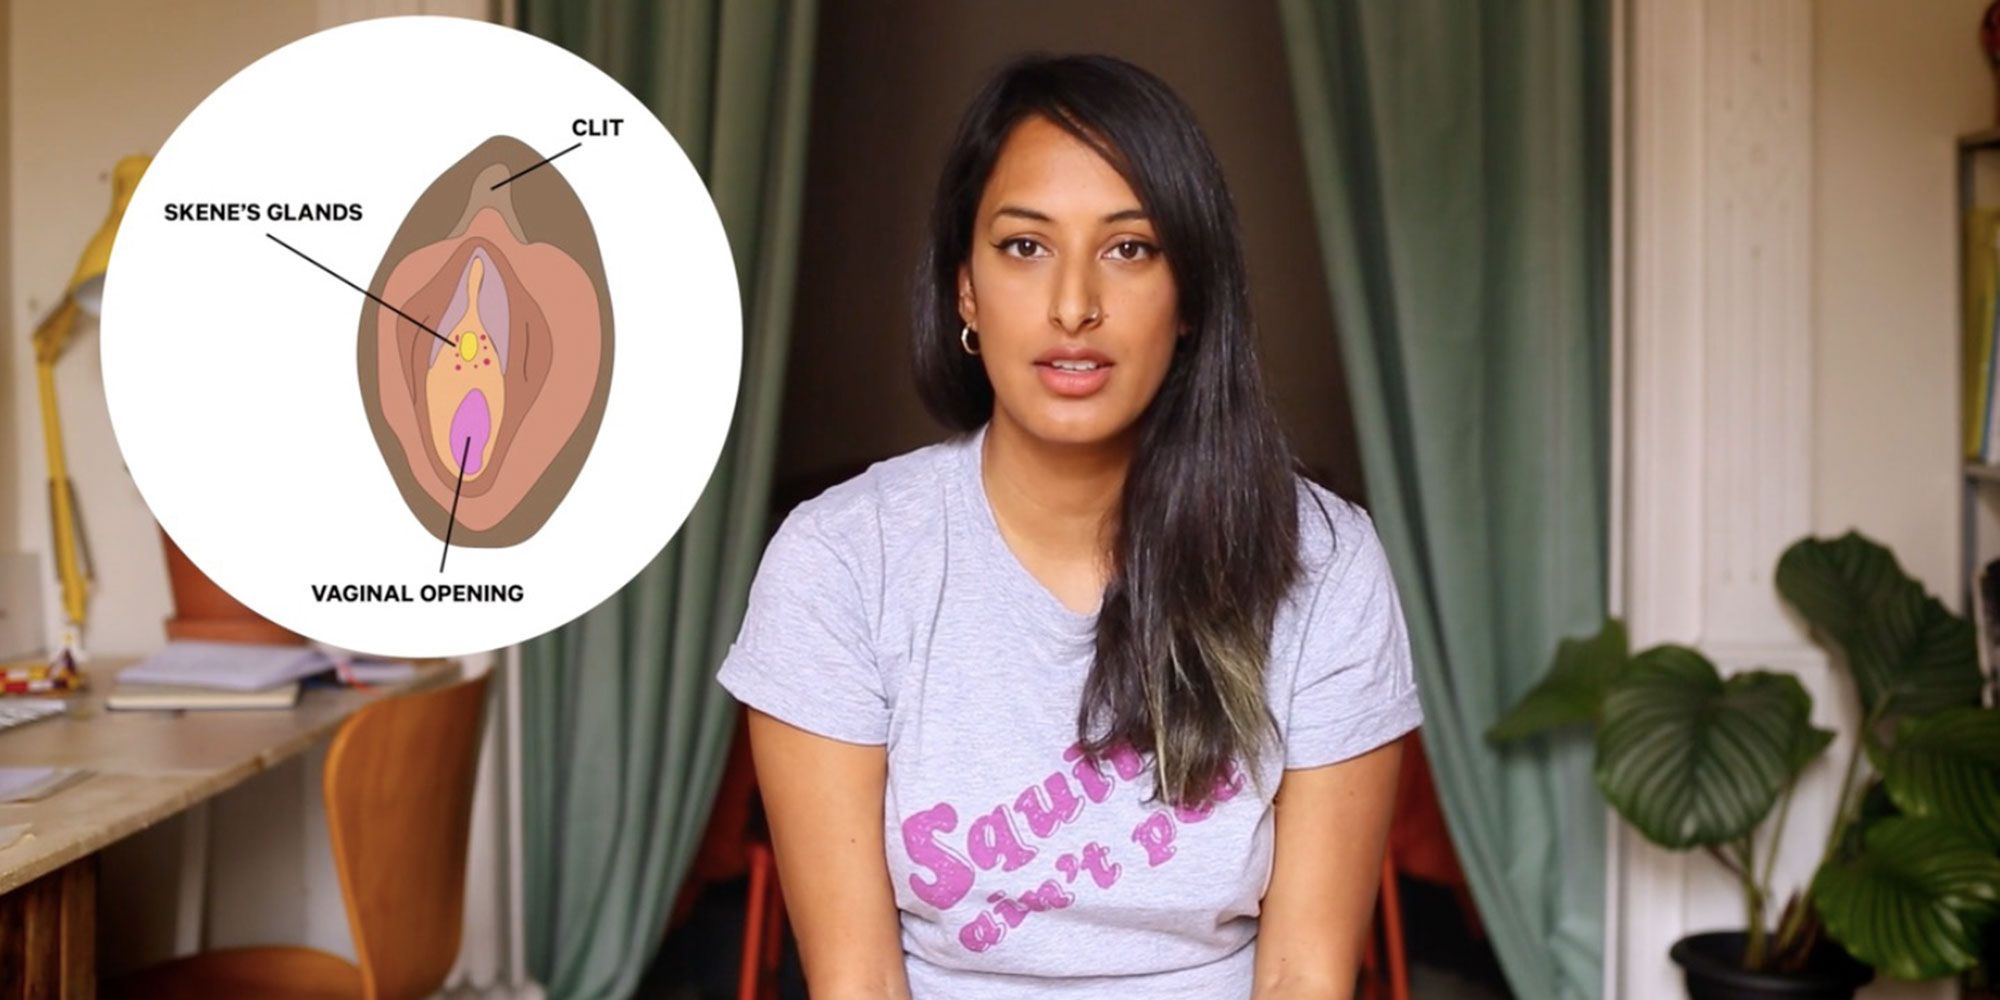 Δωρεάν Sex εκπαίδευση βίντεο γκέι αθλητής ιμάντα πορνό